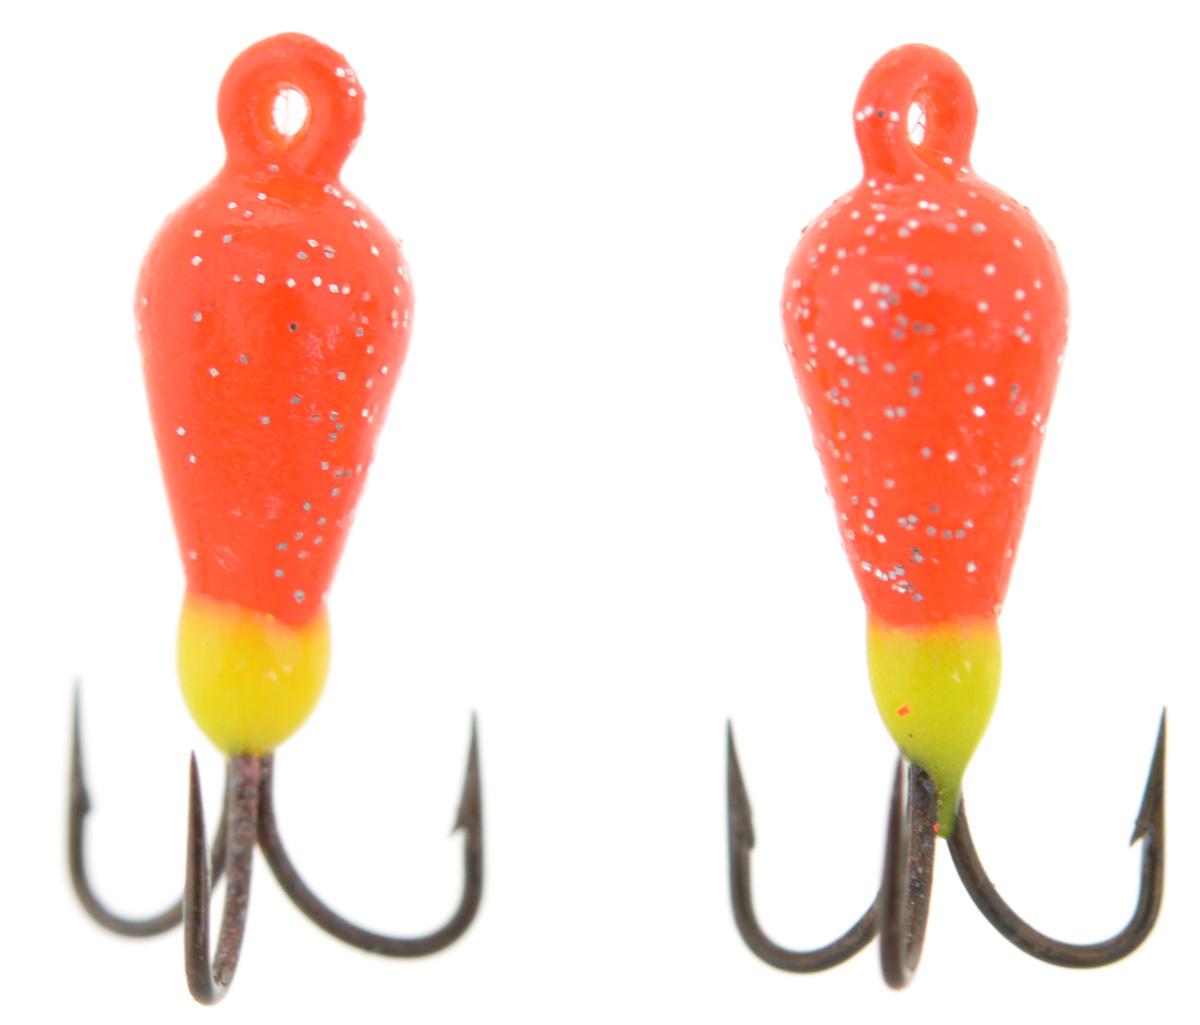 Чертик вольфрамовый Finnex, цвет: оранжевый, салатовый, 0,56 г, 2 шт57304Вольфрамовый чертик Finnex - одна из самых популярных приманок для ловли леща, плотвы и другой белой рыбы. Особенно хорошо работает приманка на всевозможных водохранилищах. Не пропустит ее и другая рыба, в том числе окунь, судак и щука.